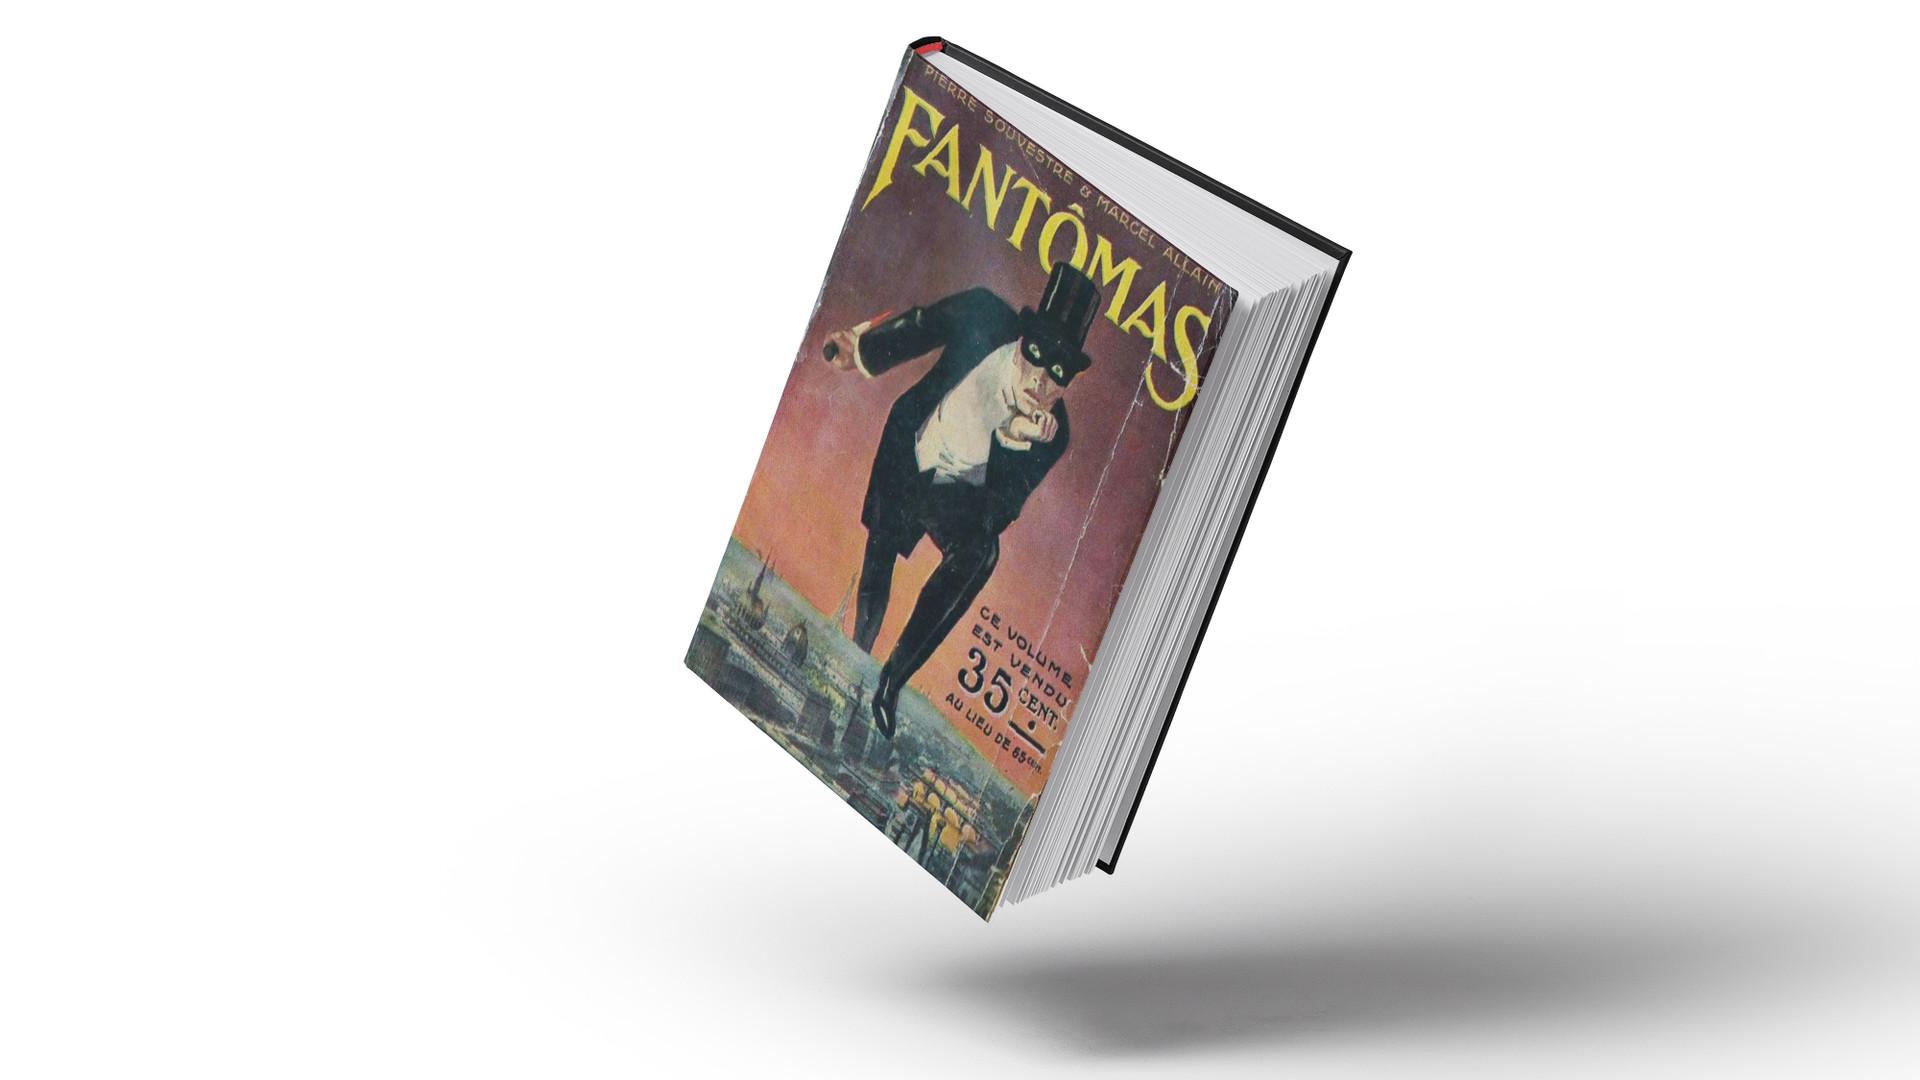 Обложка одного из первых романов о Фантомасе, 1911.